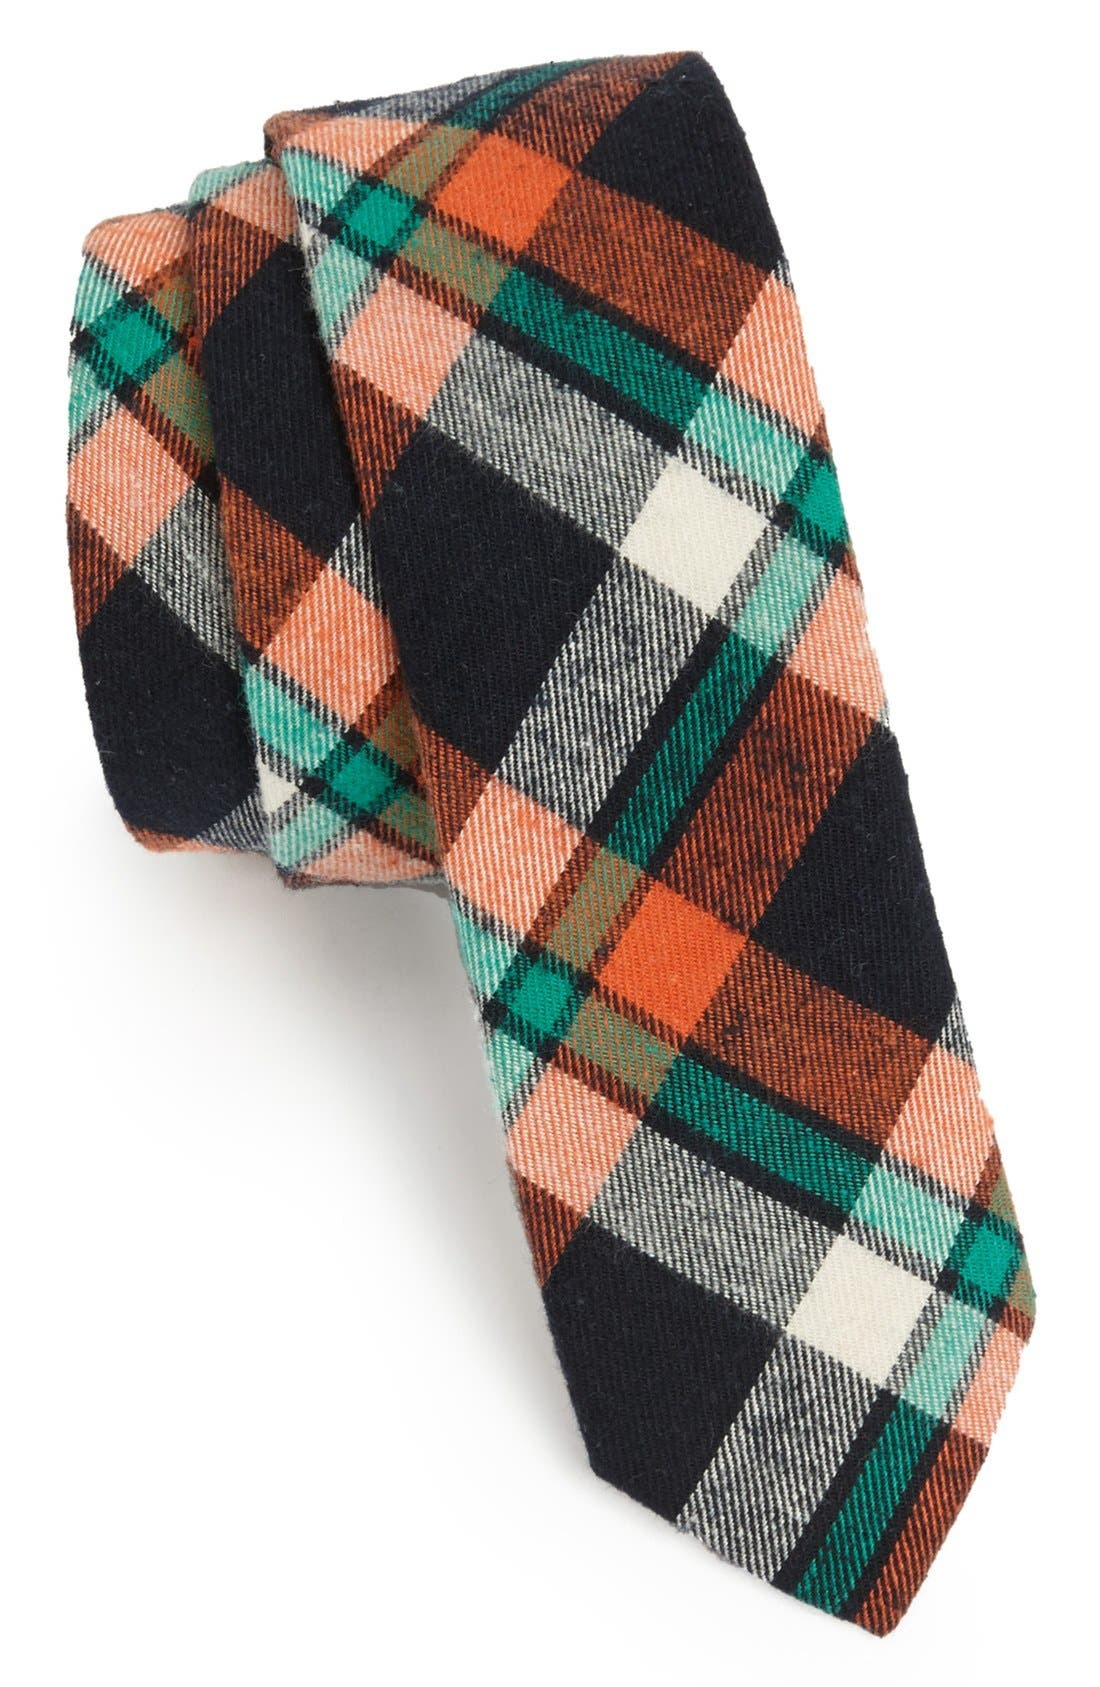 Alternate Image 1 Selected - Original Penguin 'Duncan Plaid' Woven Cotton Tie